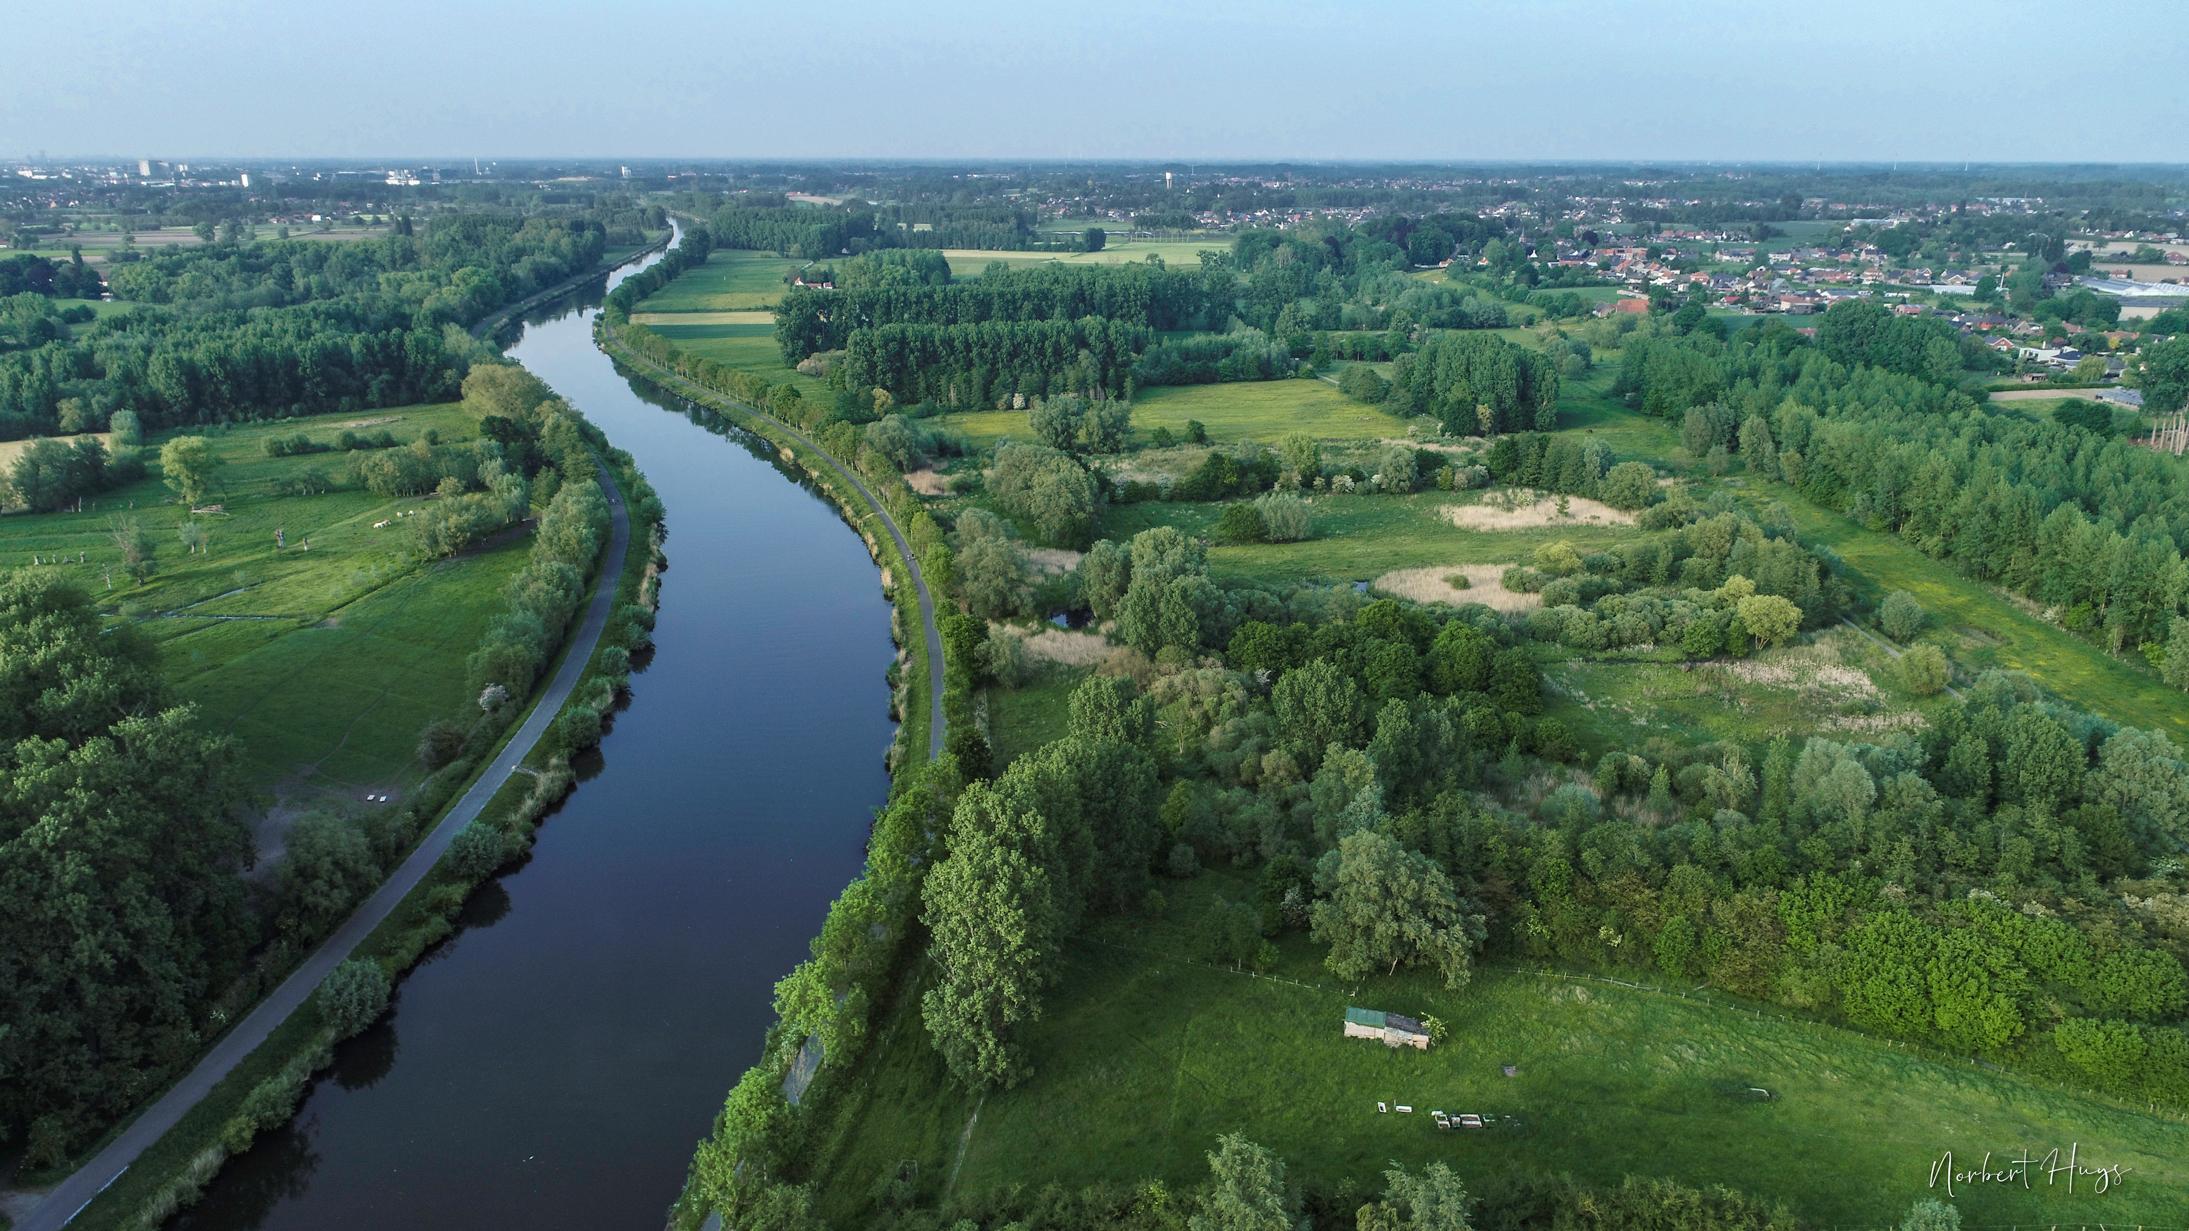 De Schelde in Merelbeke - Zevergem met de natuurgebieden